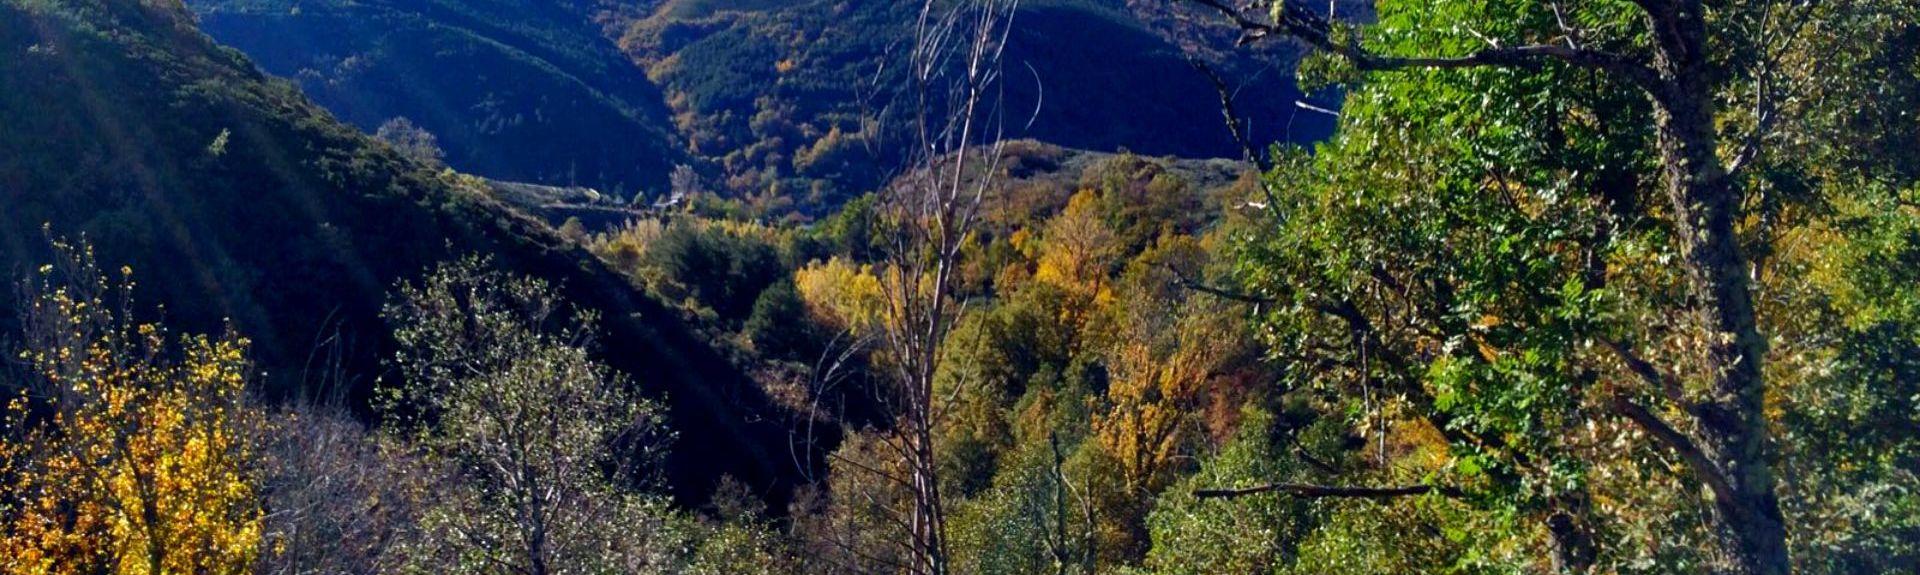 Fuentes del Narcea, Asturia, Espanja